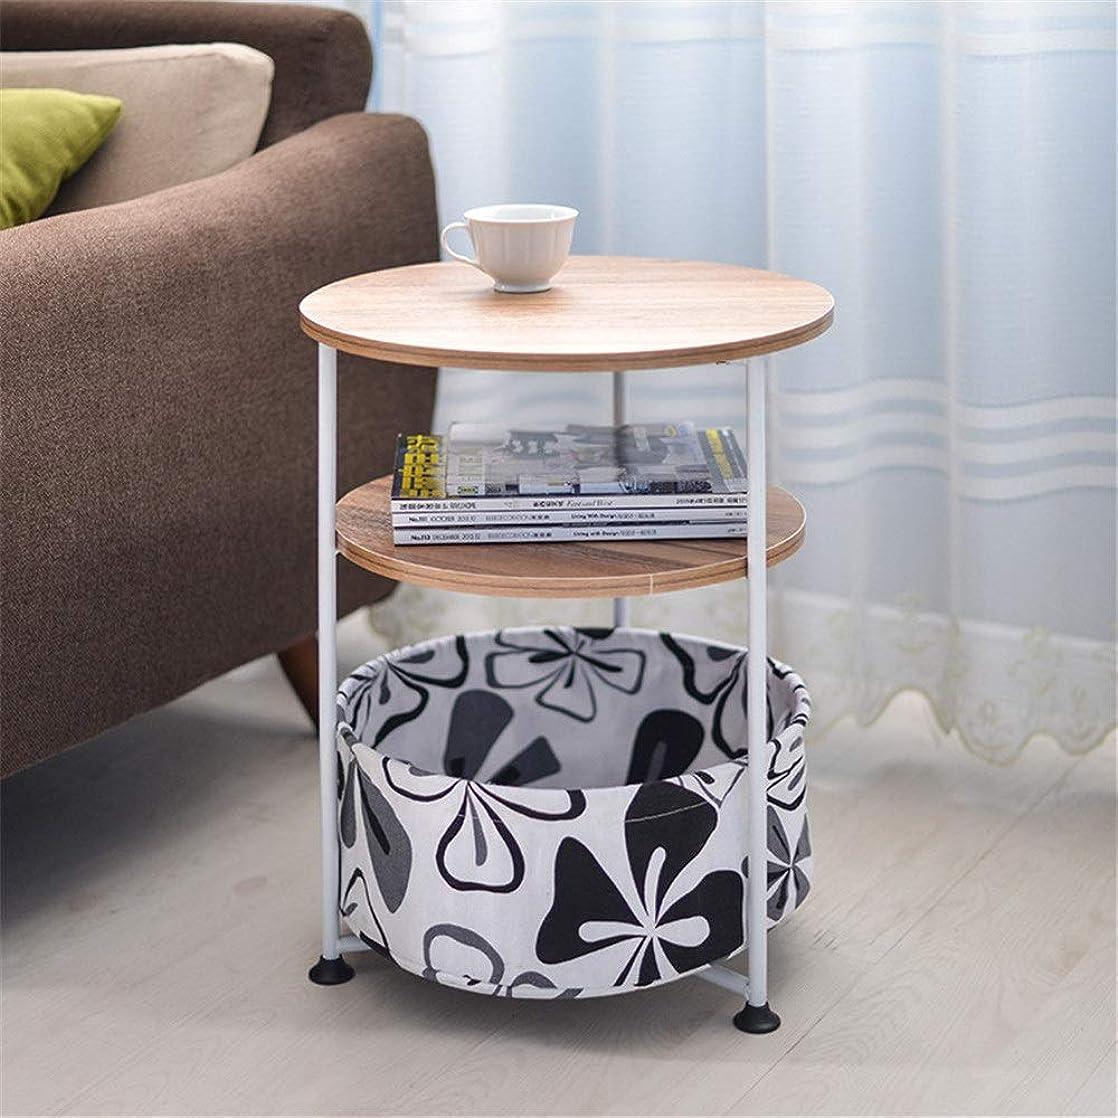 つまらない効果息を切らしてサイドテーブル 折りたたみ式エンドテーブルダブルコーヒーテーブルコーヒーダイニングソファカジュアル長方形エンドテーブルリビングルーム、ベッドサイドテーブル、多目的小テーブル用の基本的な家の装飾 (色 : ピンク, サイズ : 41x41x53cm)